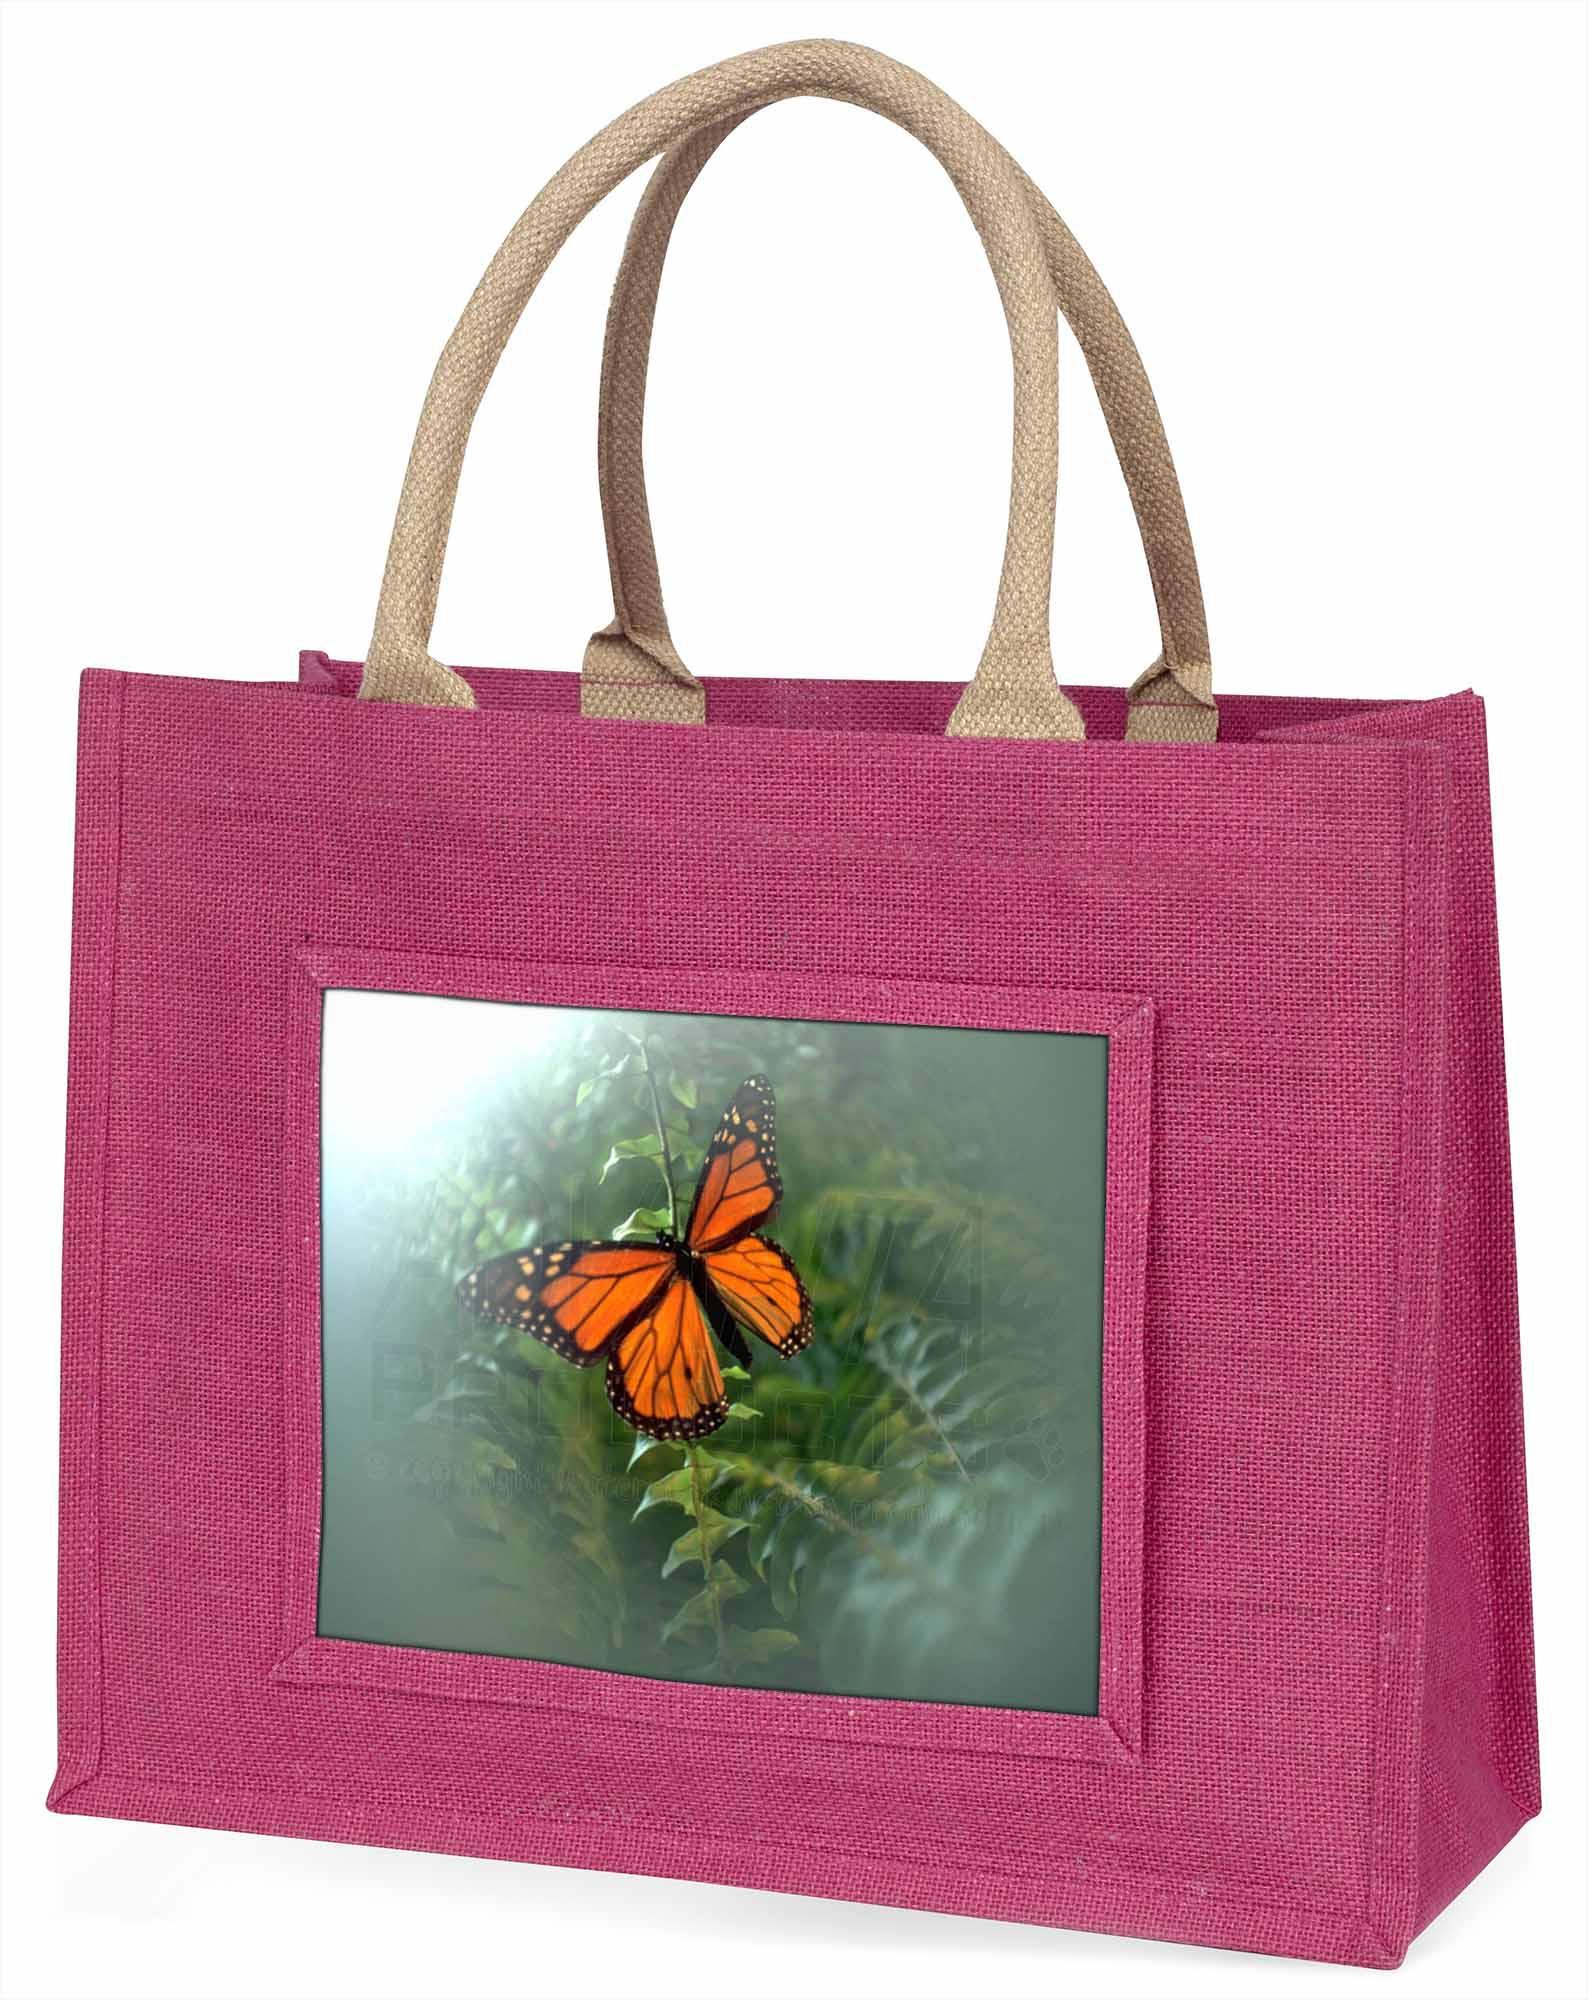 rot Schmetterling im Nebel große rosa Einkaufstasche Weihnachtsgeschenk